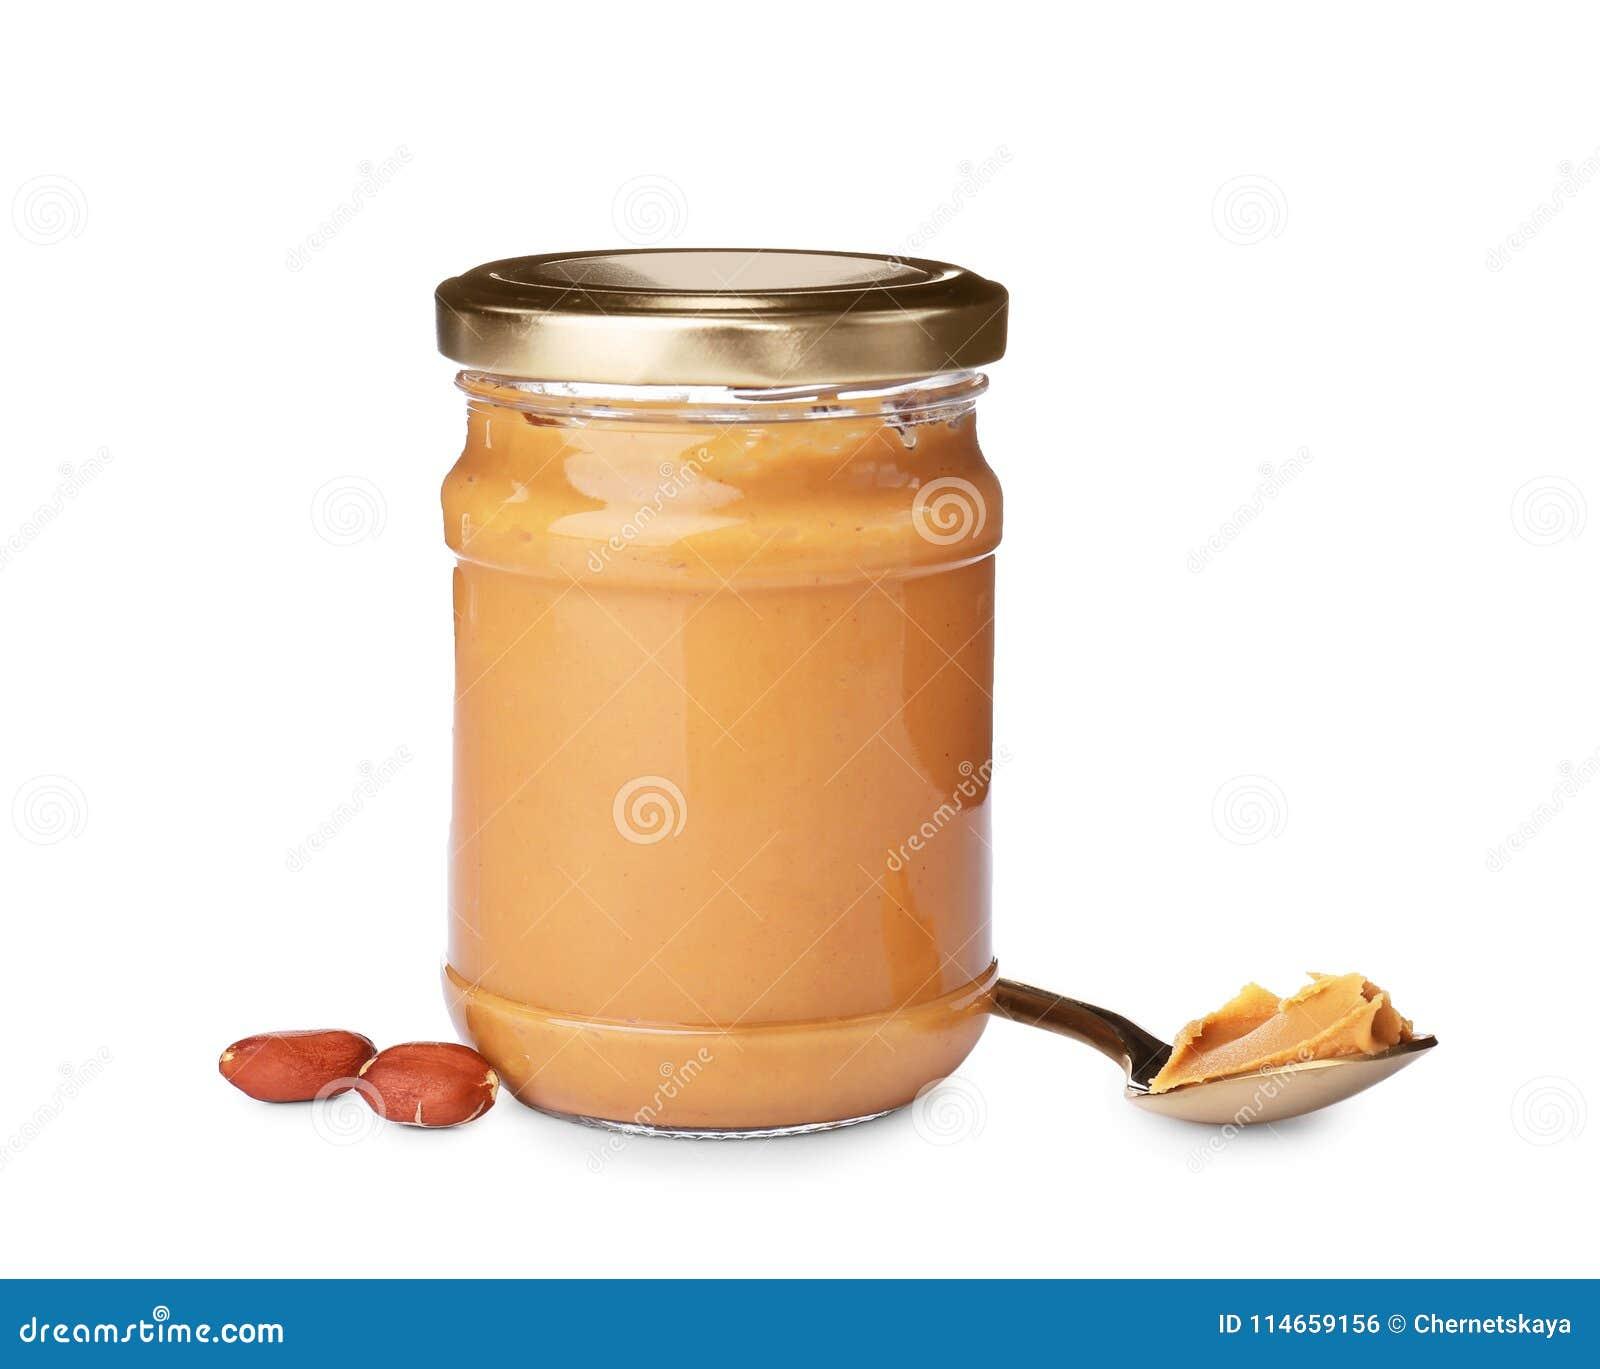 Tarro y cuchara con mantequilla de cacahuete cremosa